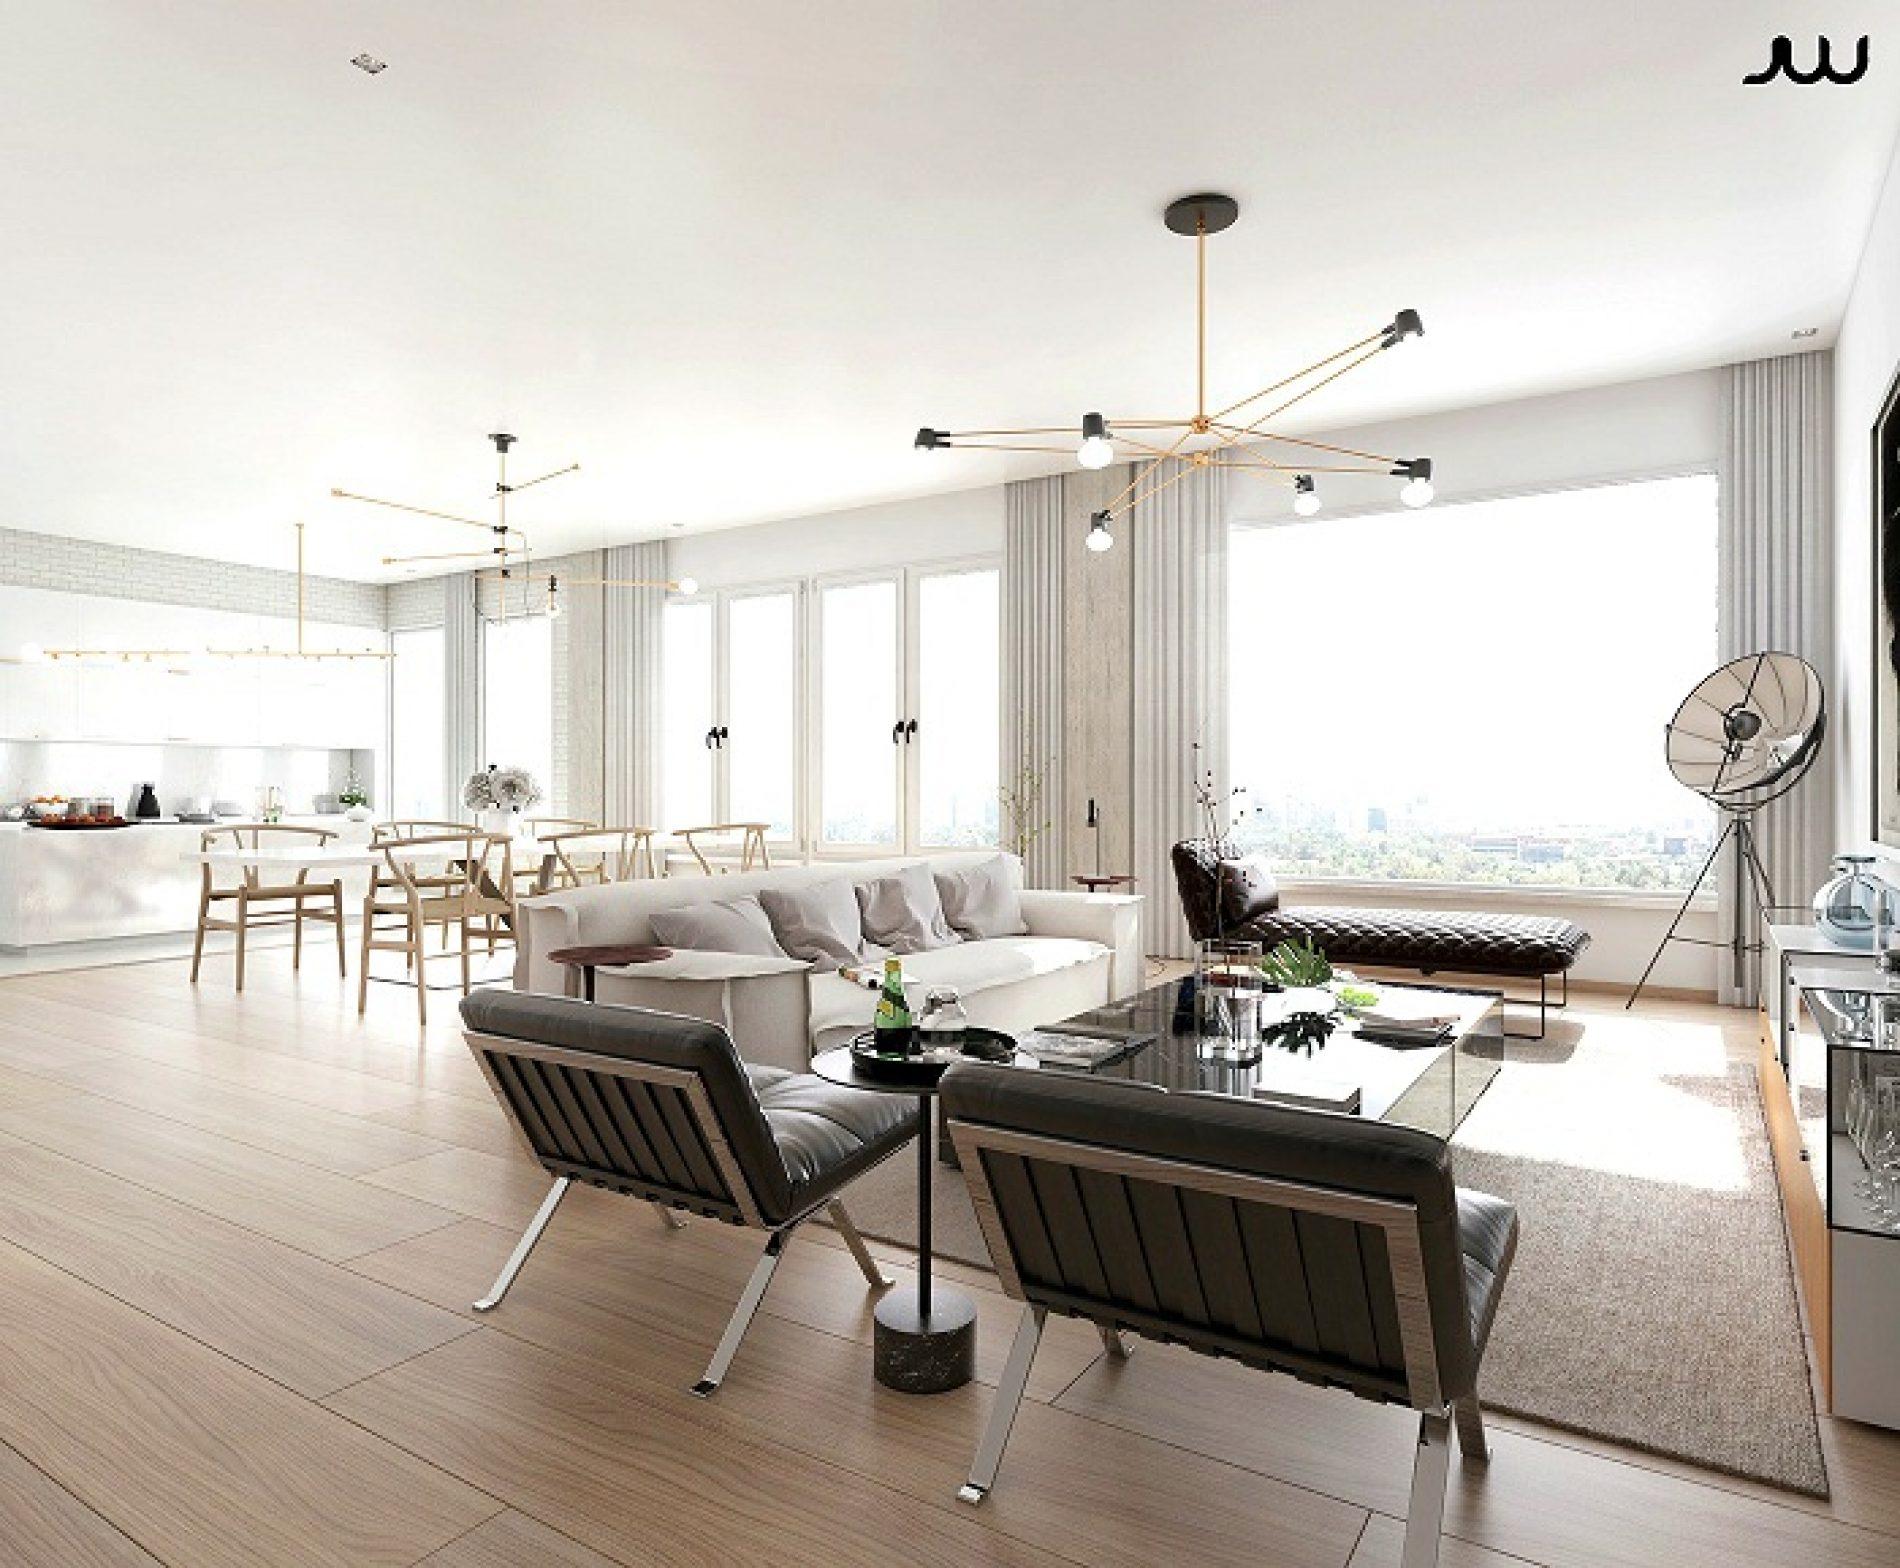 Dự án Tân Hồng Hà Complex – Tạo dựng cuộc sống phong cách Mỹ